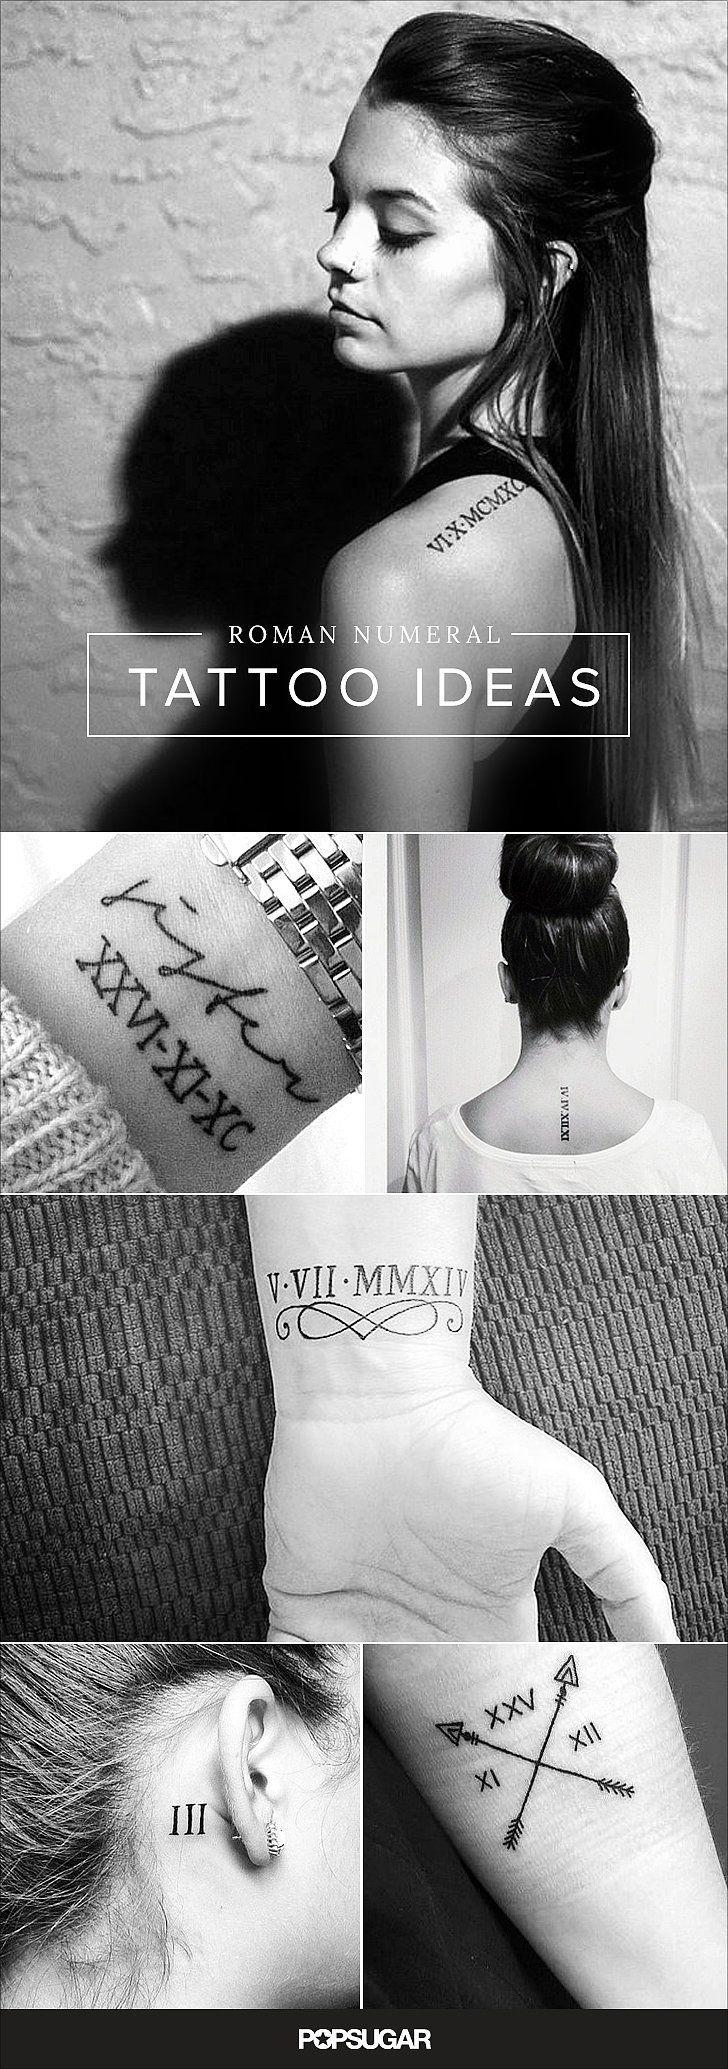 30 ideas de números romanos en Tattoos que podrian marcas tus fechas de recuerdos más memorables